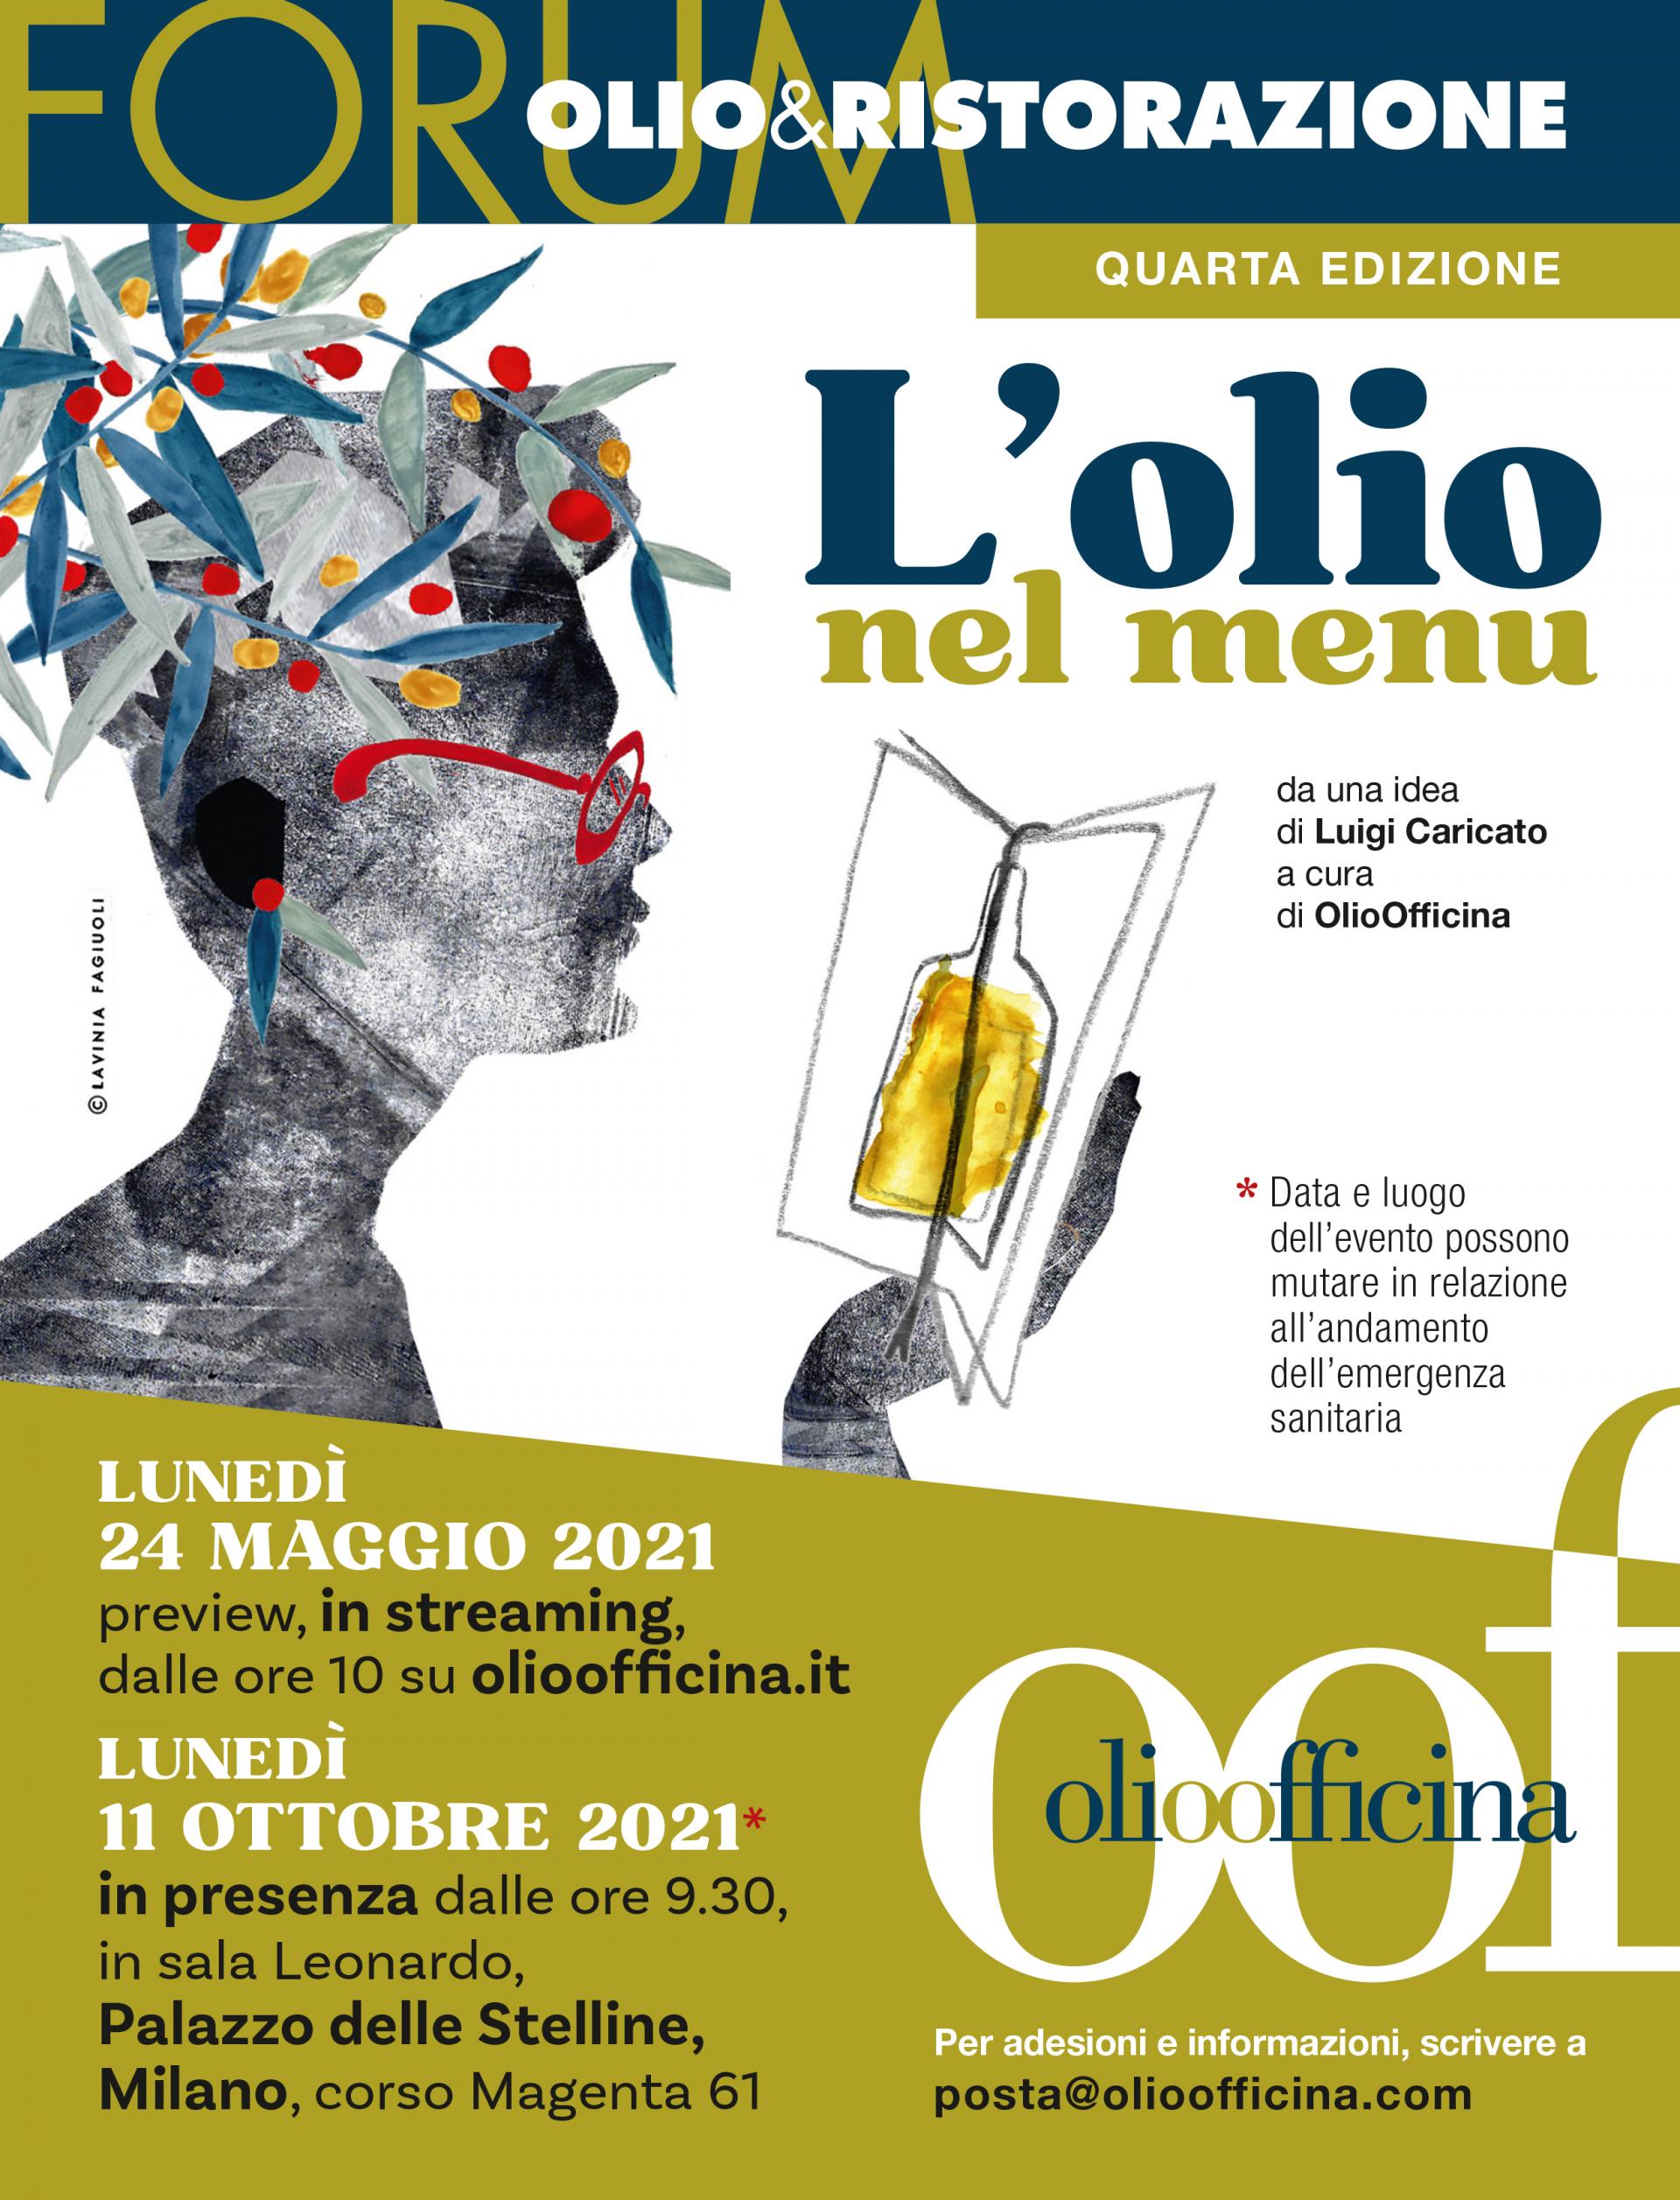 Ci vediamo al Forum Olio & Ristorazione